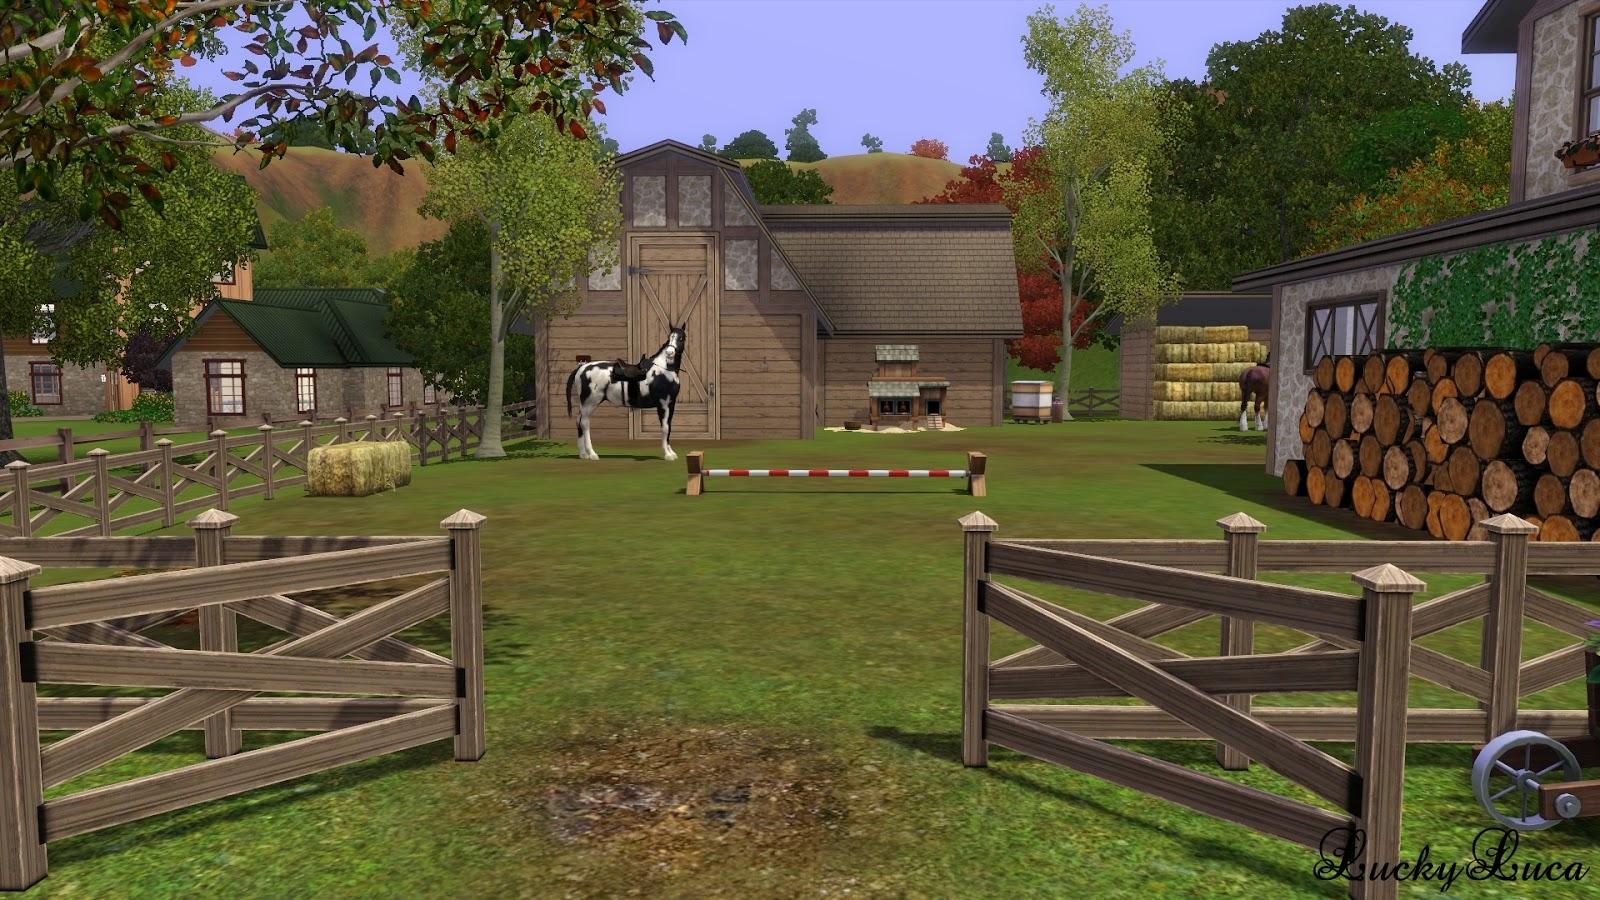 Sims 3 plan maison moderne for Maison moderne de luxe sims 3